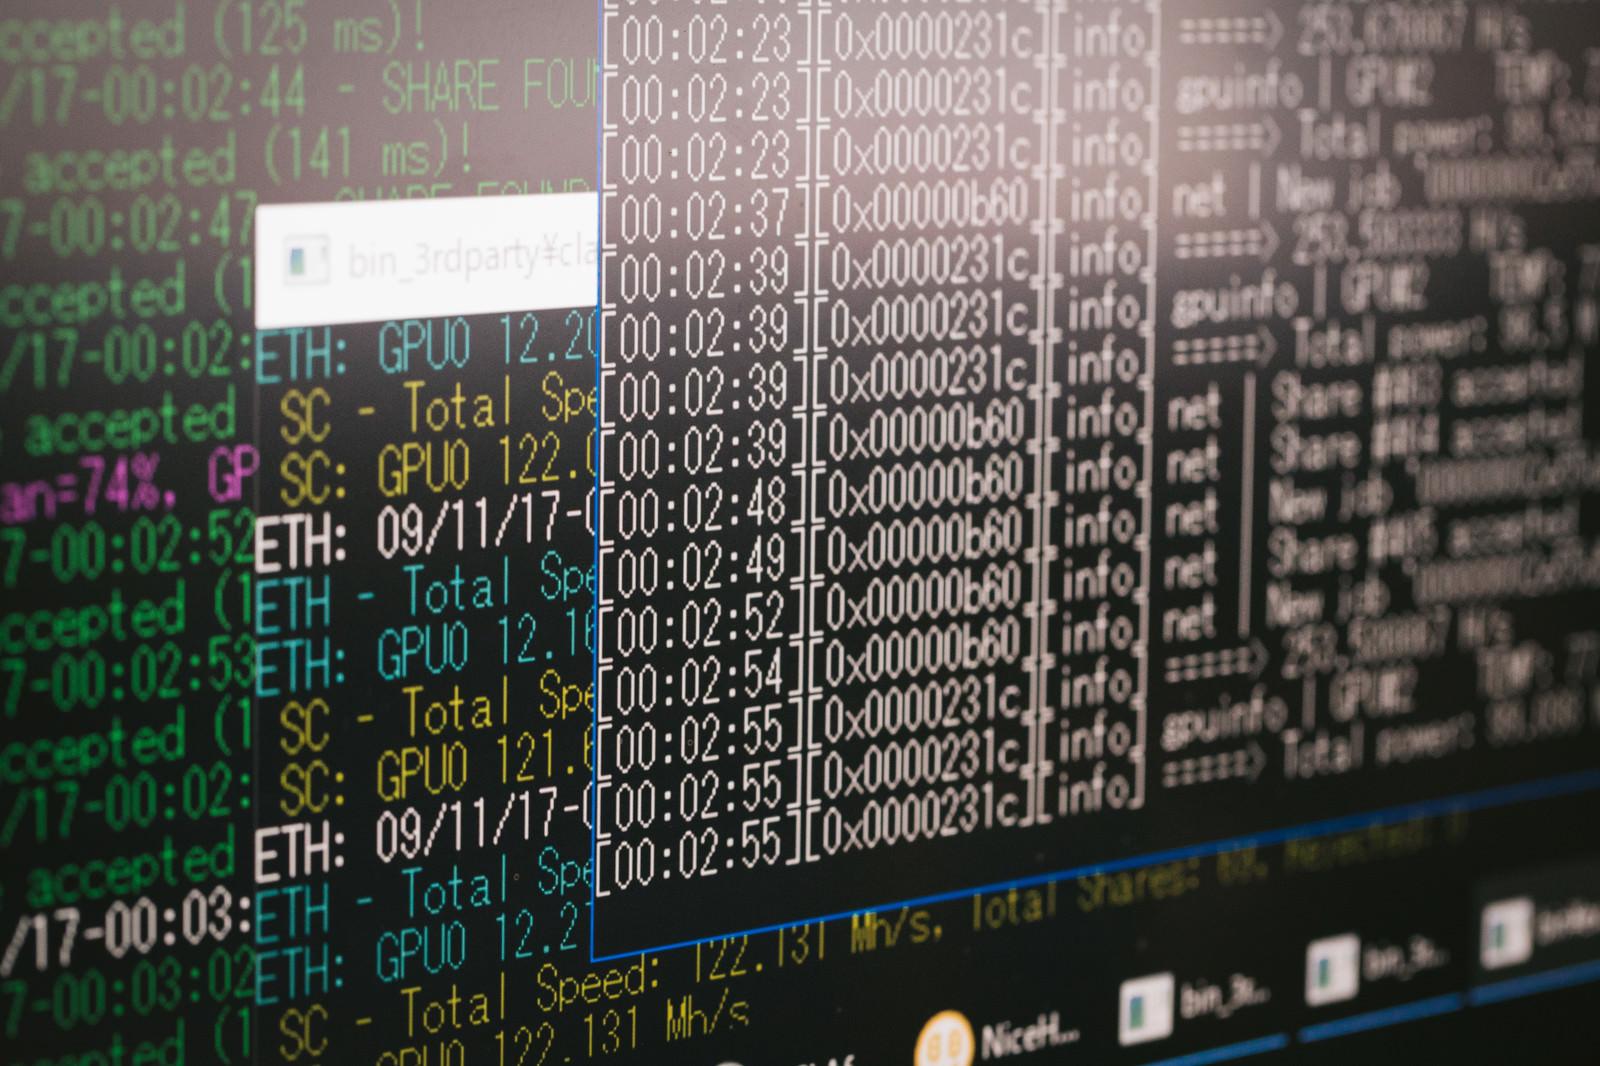 警察庁「仮想通貨発掘ツールを明示せずに設置すると犯罪になる可能性」、ネットで物議